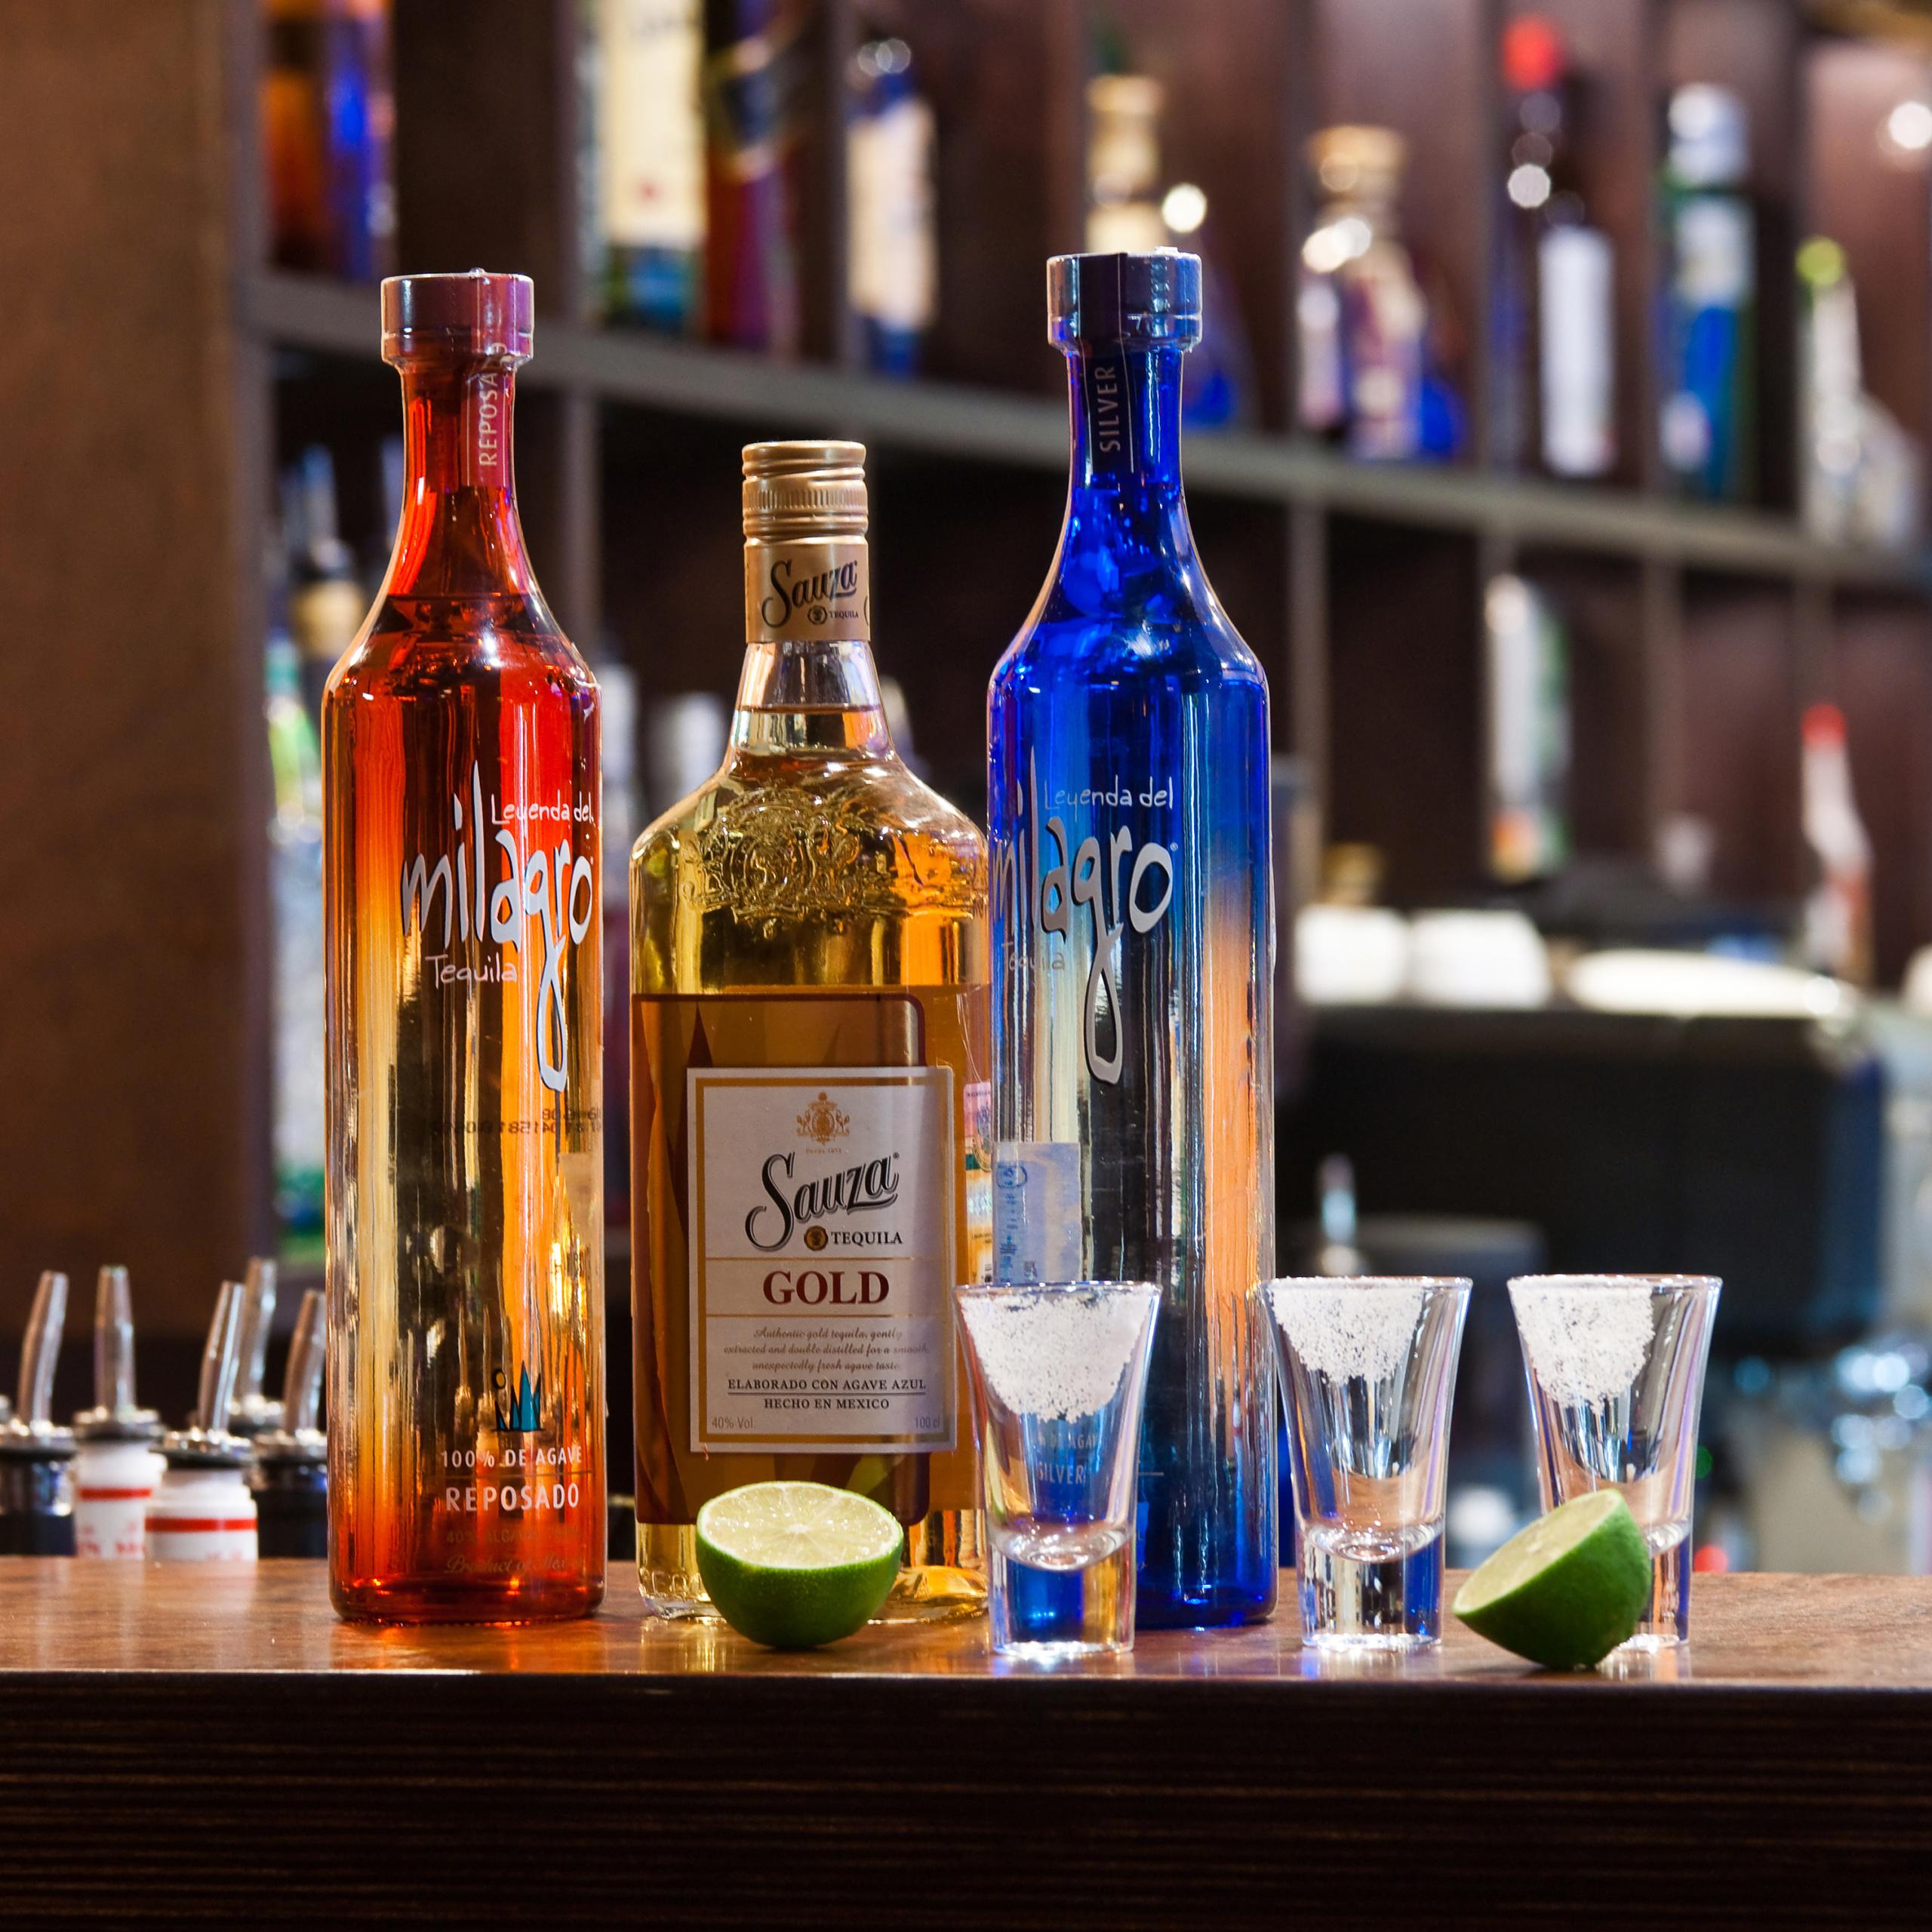 Бутылки с алкоголем на барной стойке ресторана в галерее профессионального фотографа